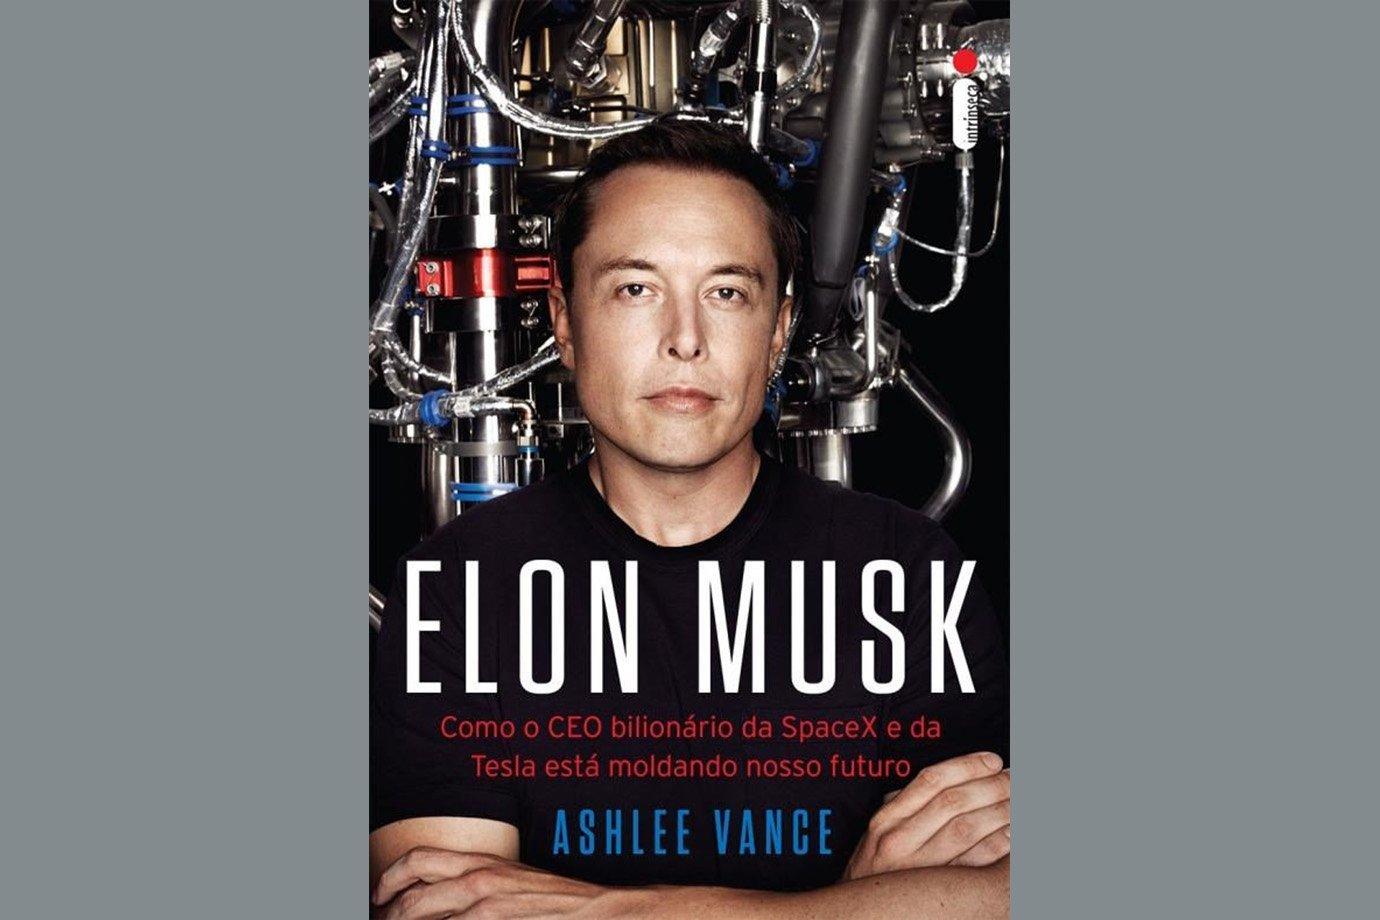 Elon Musk - Como o CEO Bilionário da Spacex e da Tesla Está Moldando Nosso Futur, de Ashlee Vance